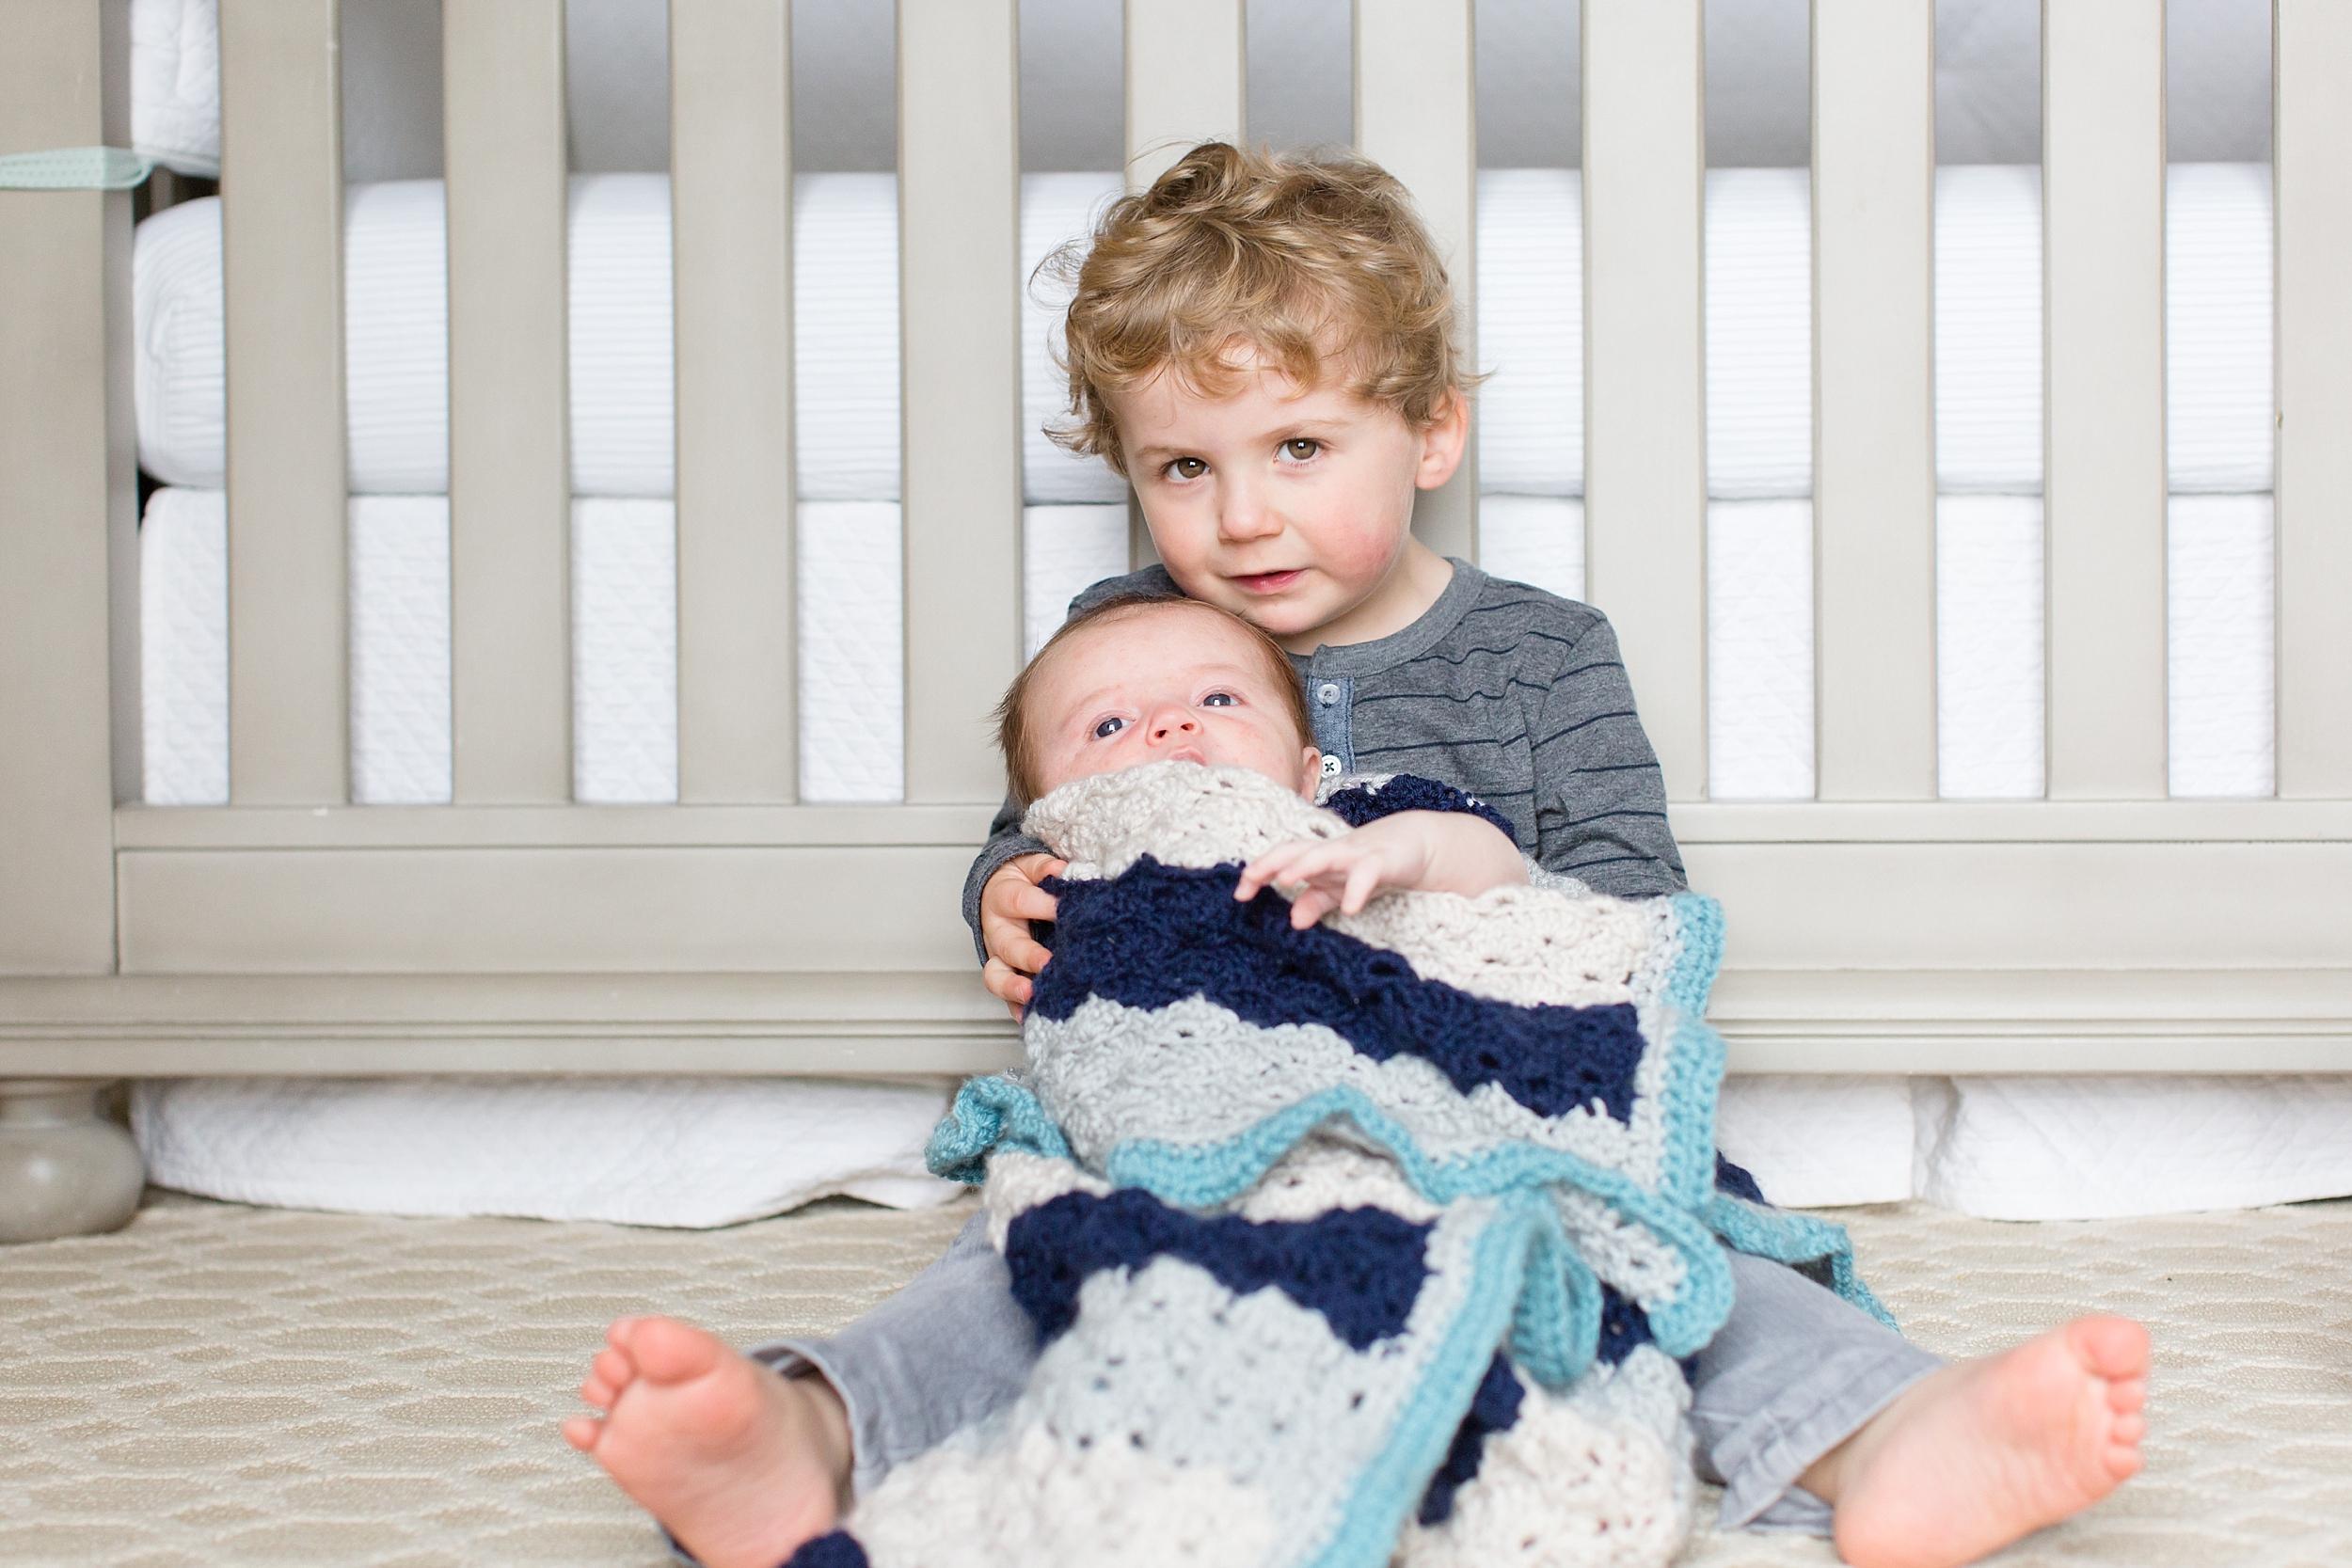 Landon-Schneider-Photography-Liverance-Newborn-Session-McKinney-Texas_0024.jpg